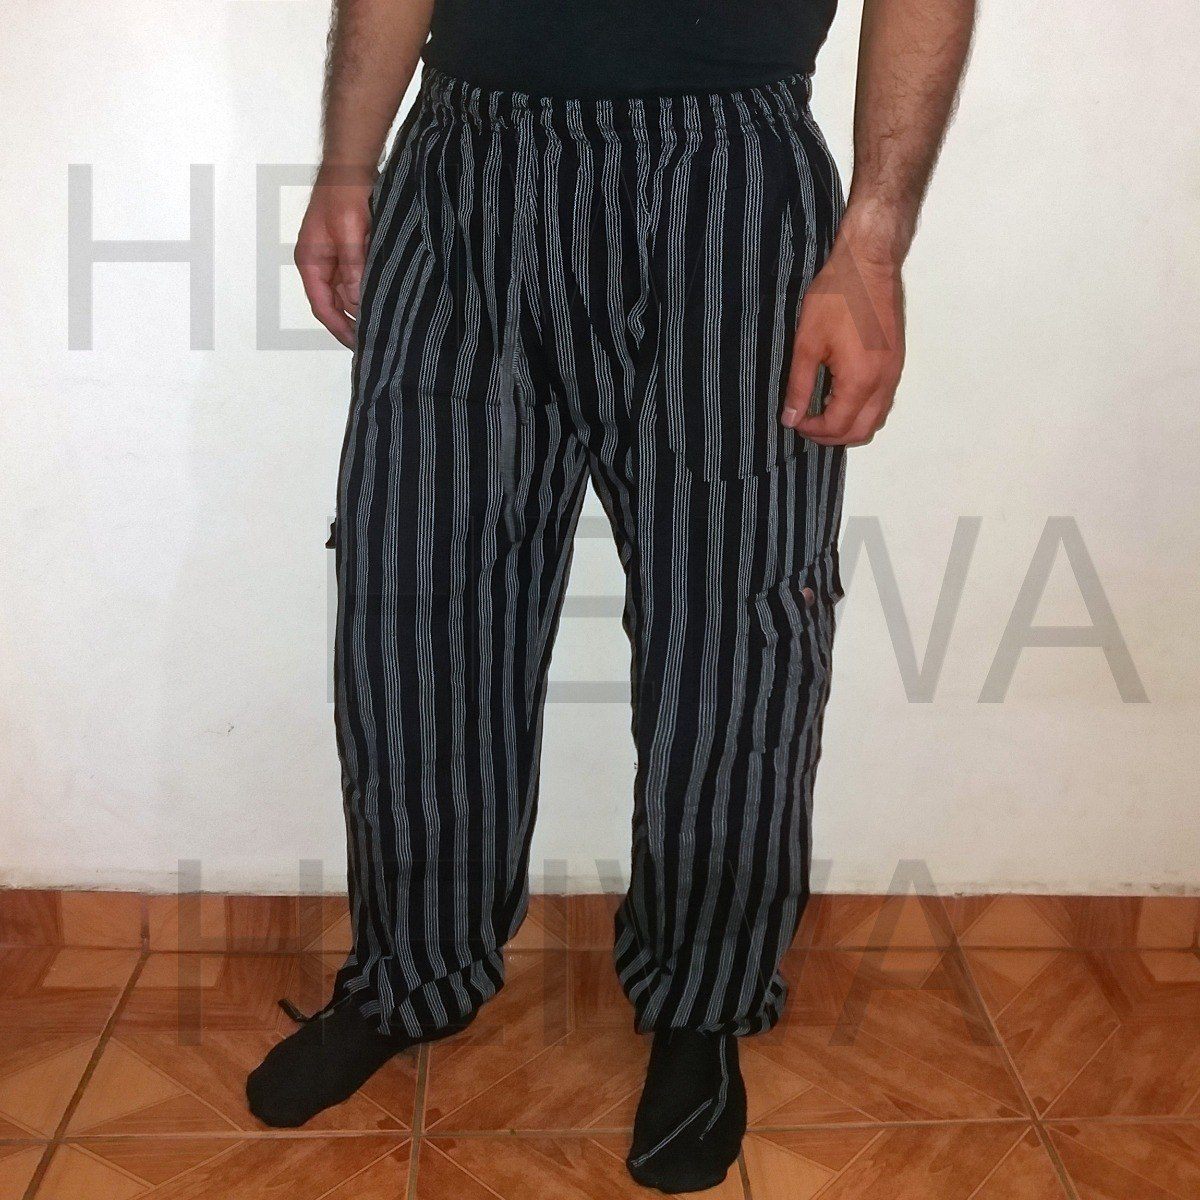 dda33414852b20 Calça Pantalona Peruana Boliviana Andino Preto G 98cm